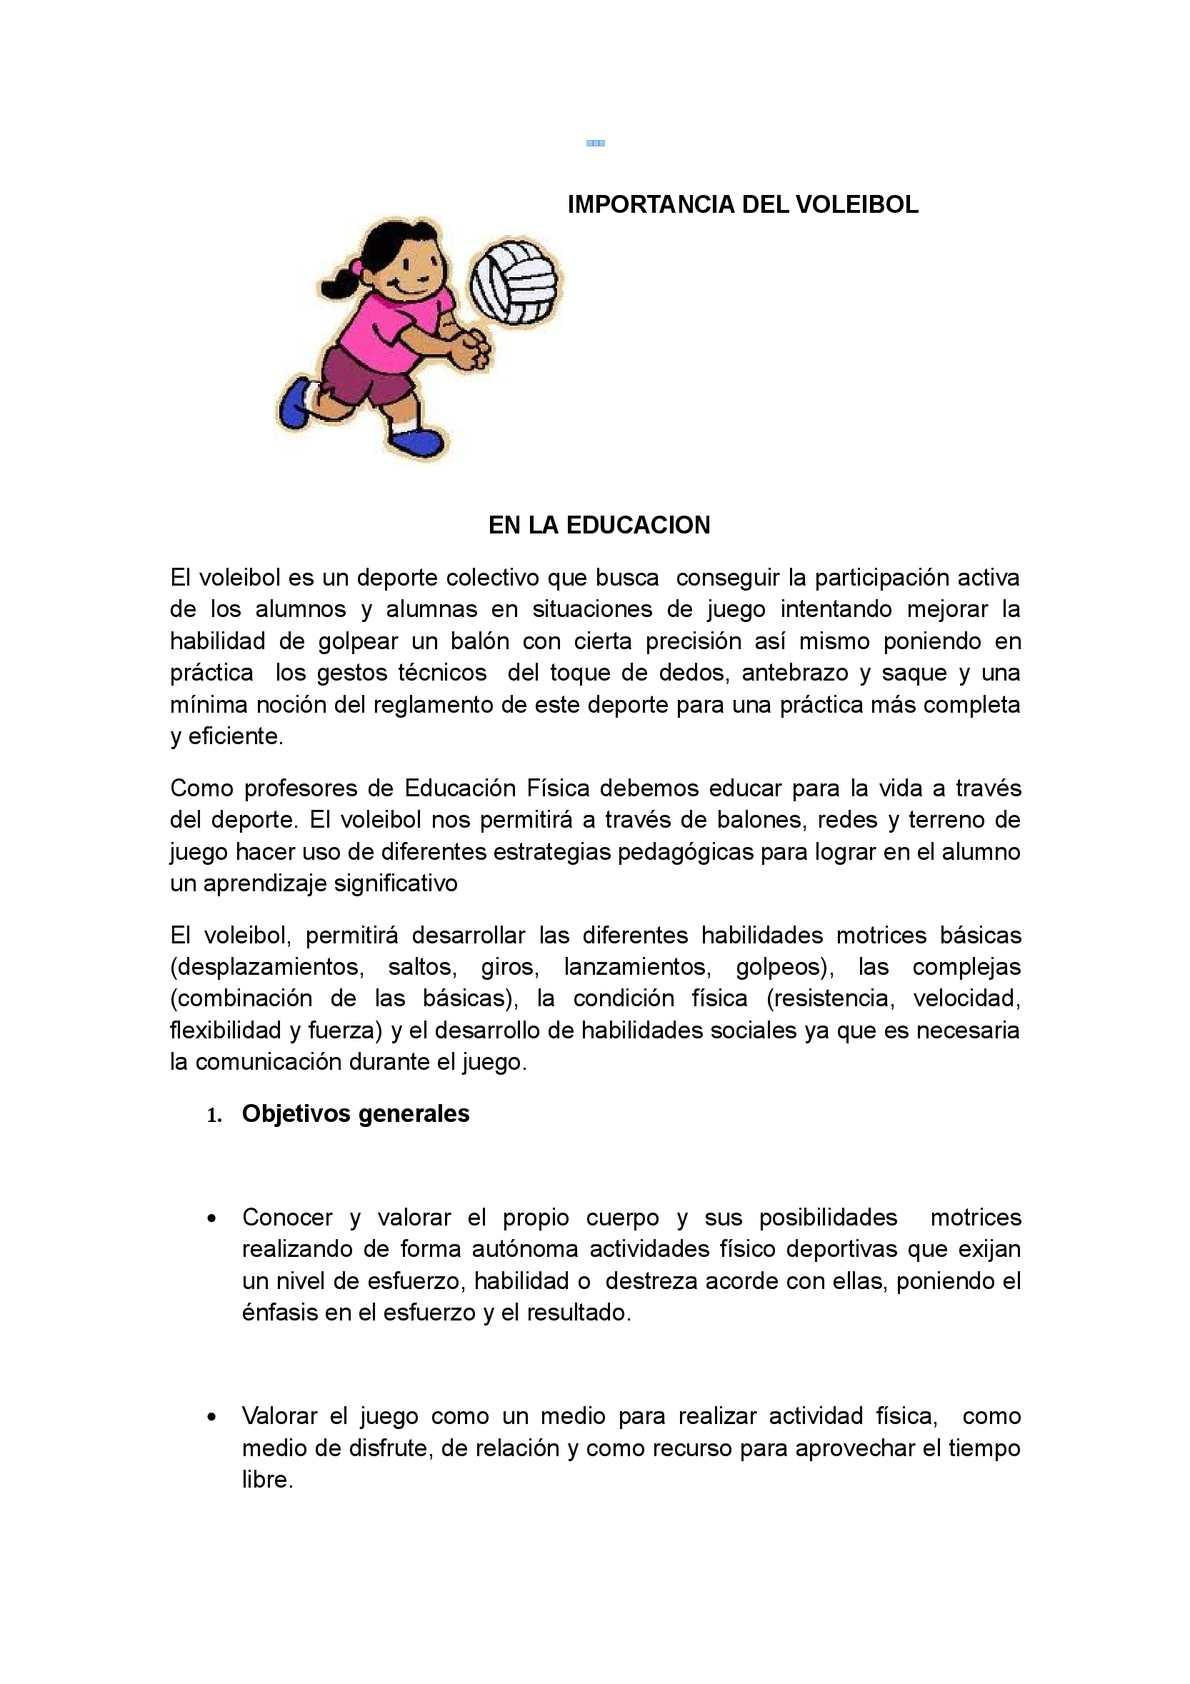 Calam o importancia del voleibol en la educacion for El gimnasio es un deporte